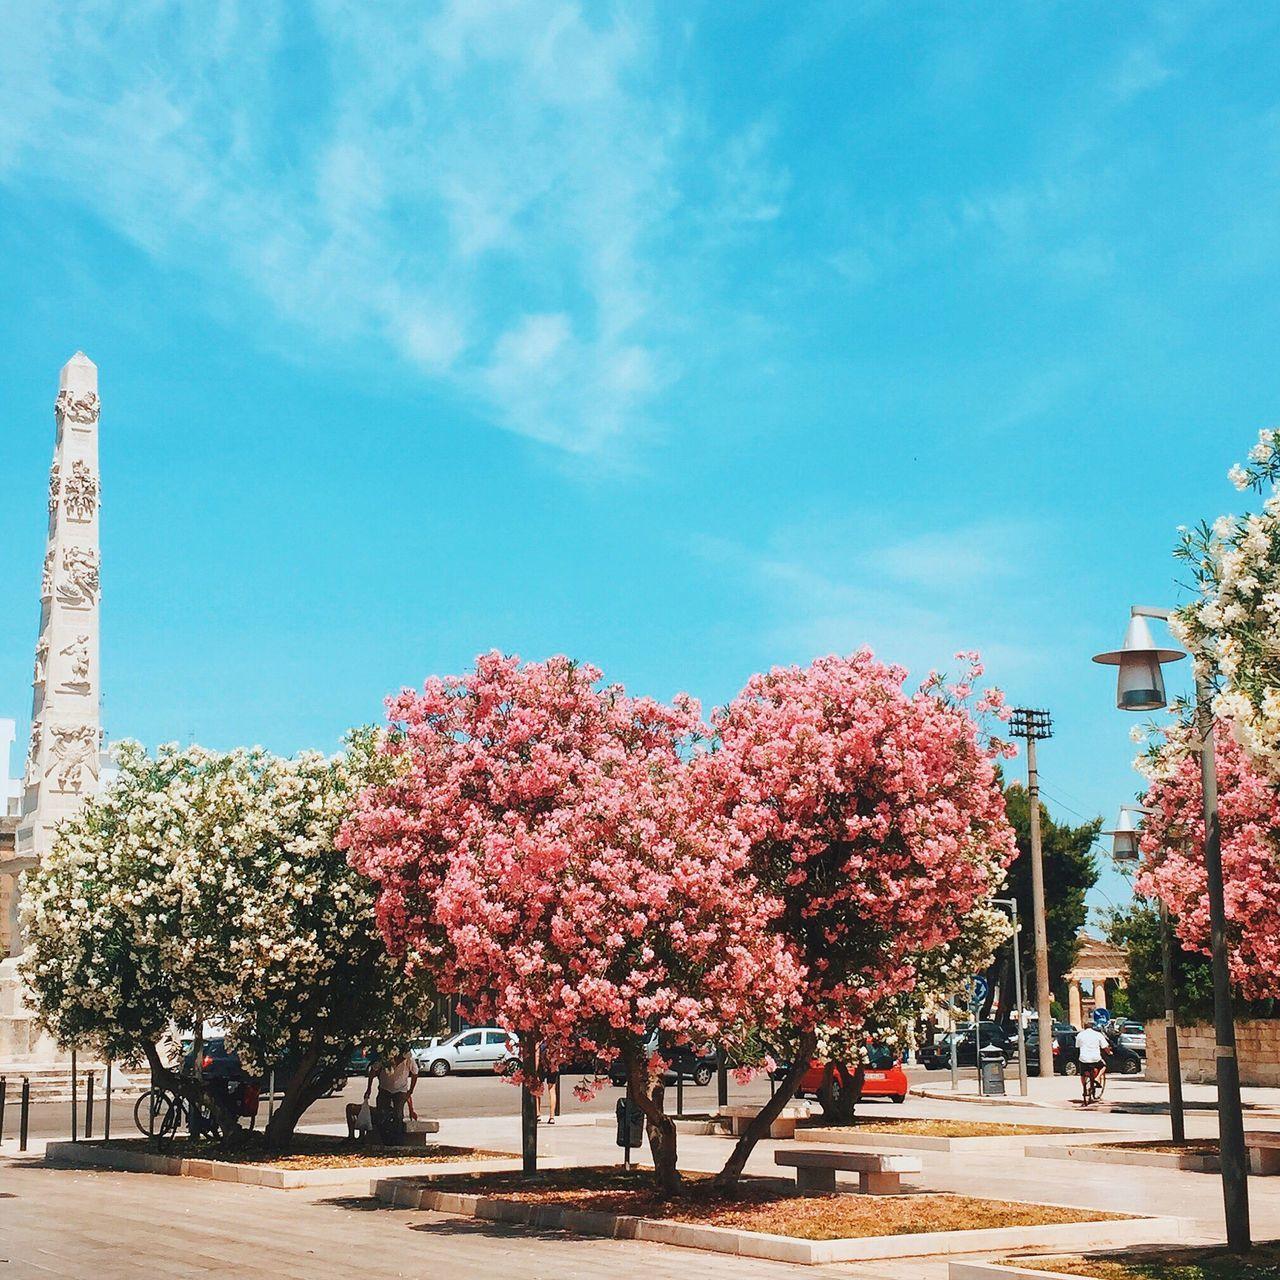 VSCO VSCO Cam EyeEm Nature Lover Streetphotography IPhone IPhoneography Eye4photography  The Street Photographer - 2015 EyeEm Awards Italy RePicture Growth Pastel Power Urban Spring Fever